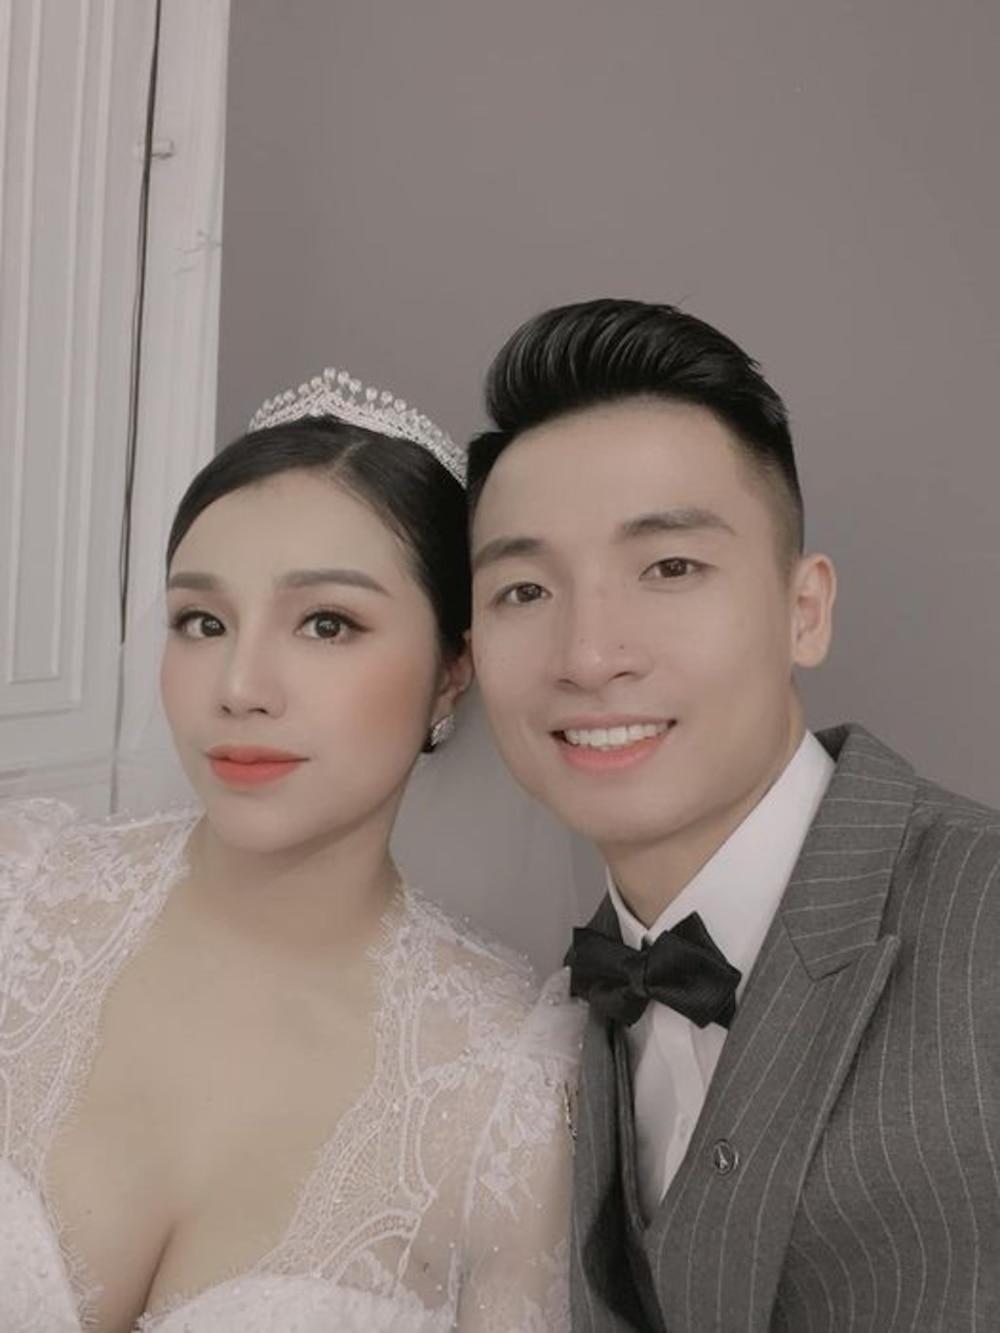 Sau bức hình 'nhá hàng', fan đang chờ trọn bộ ảnh cưới của Bùi Tiến Dũng và Khánh Linh.